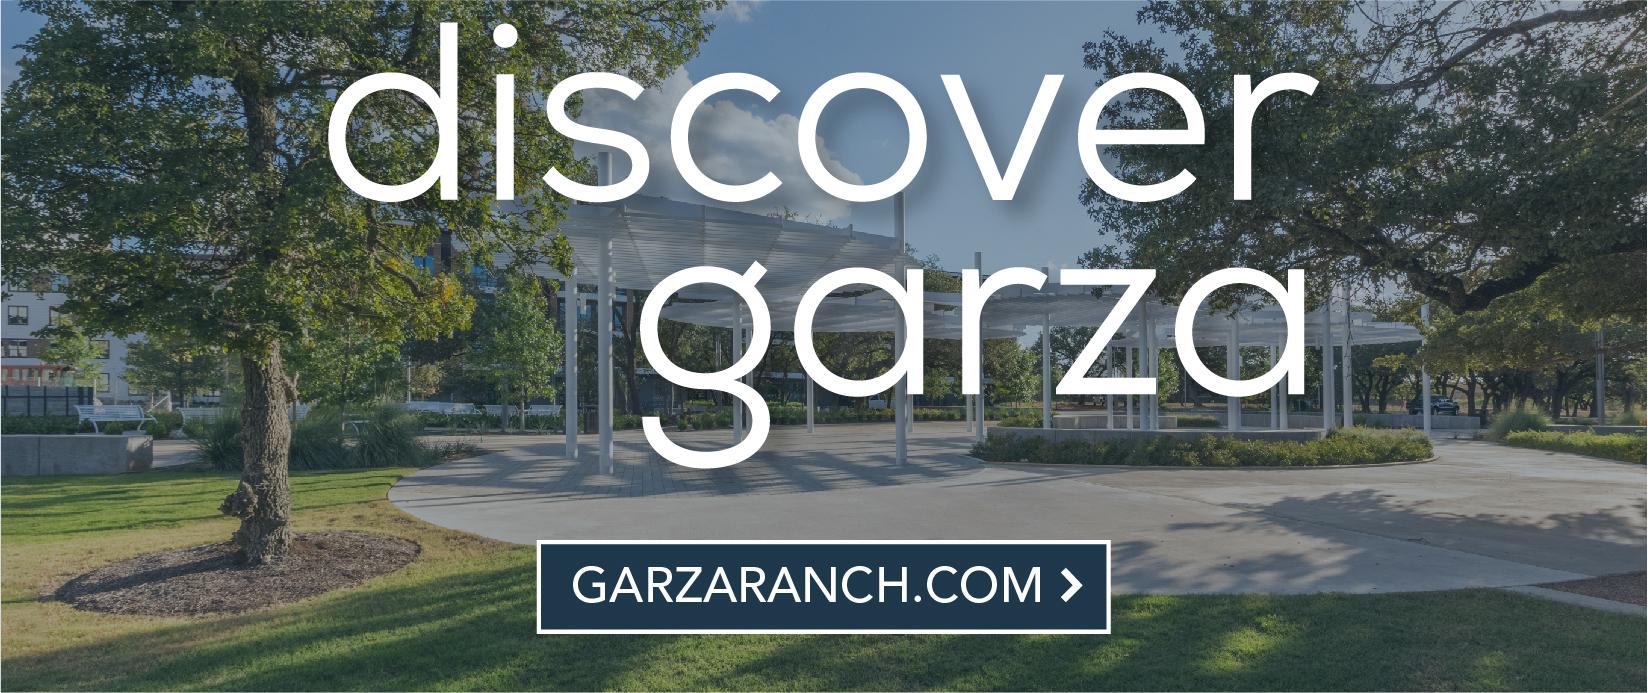 Garza Ranch